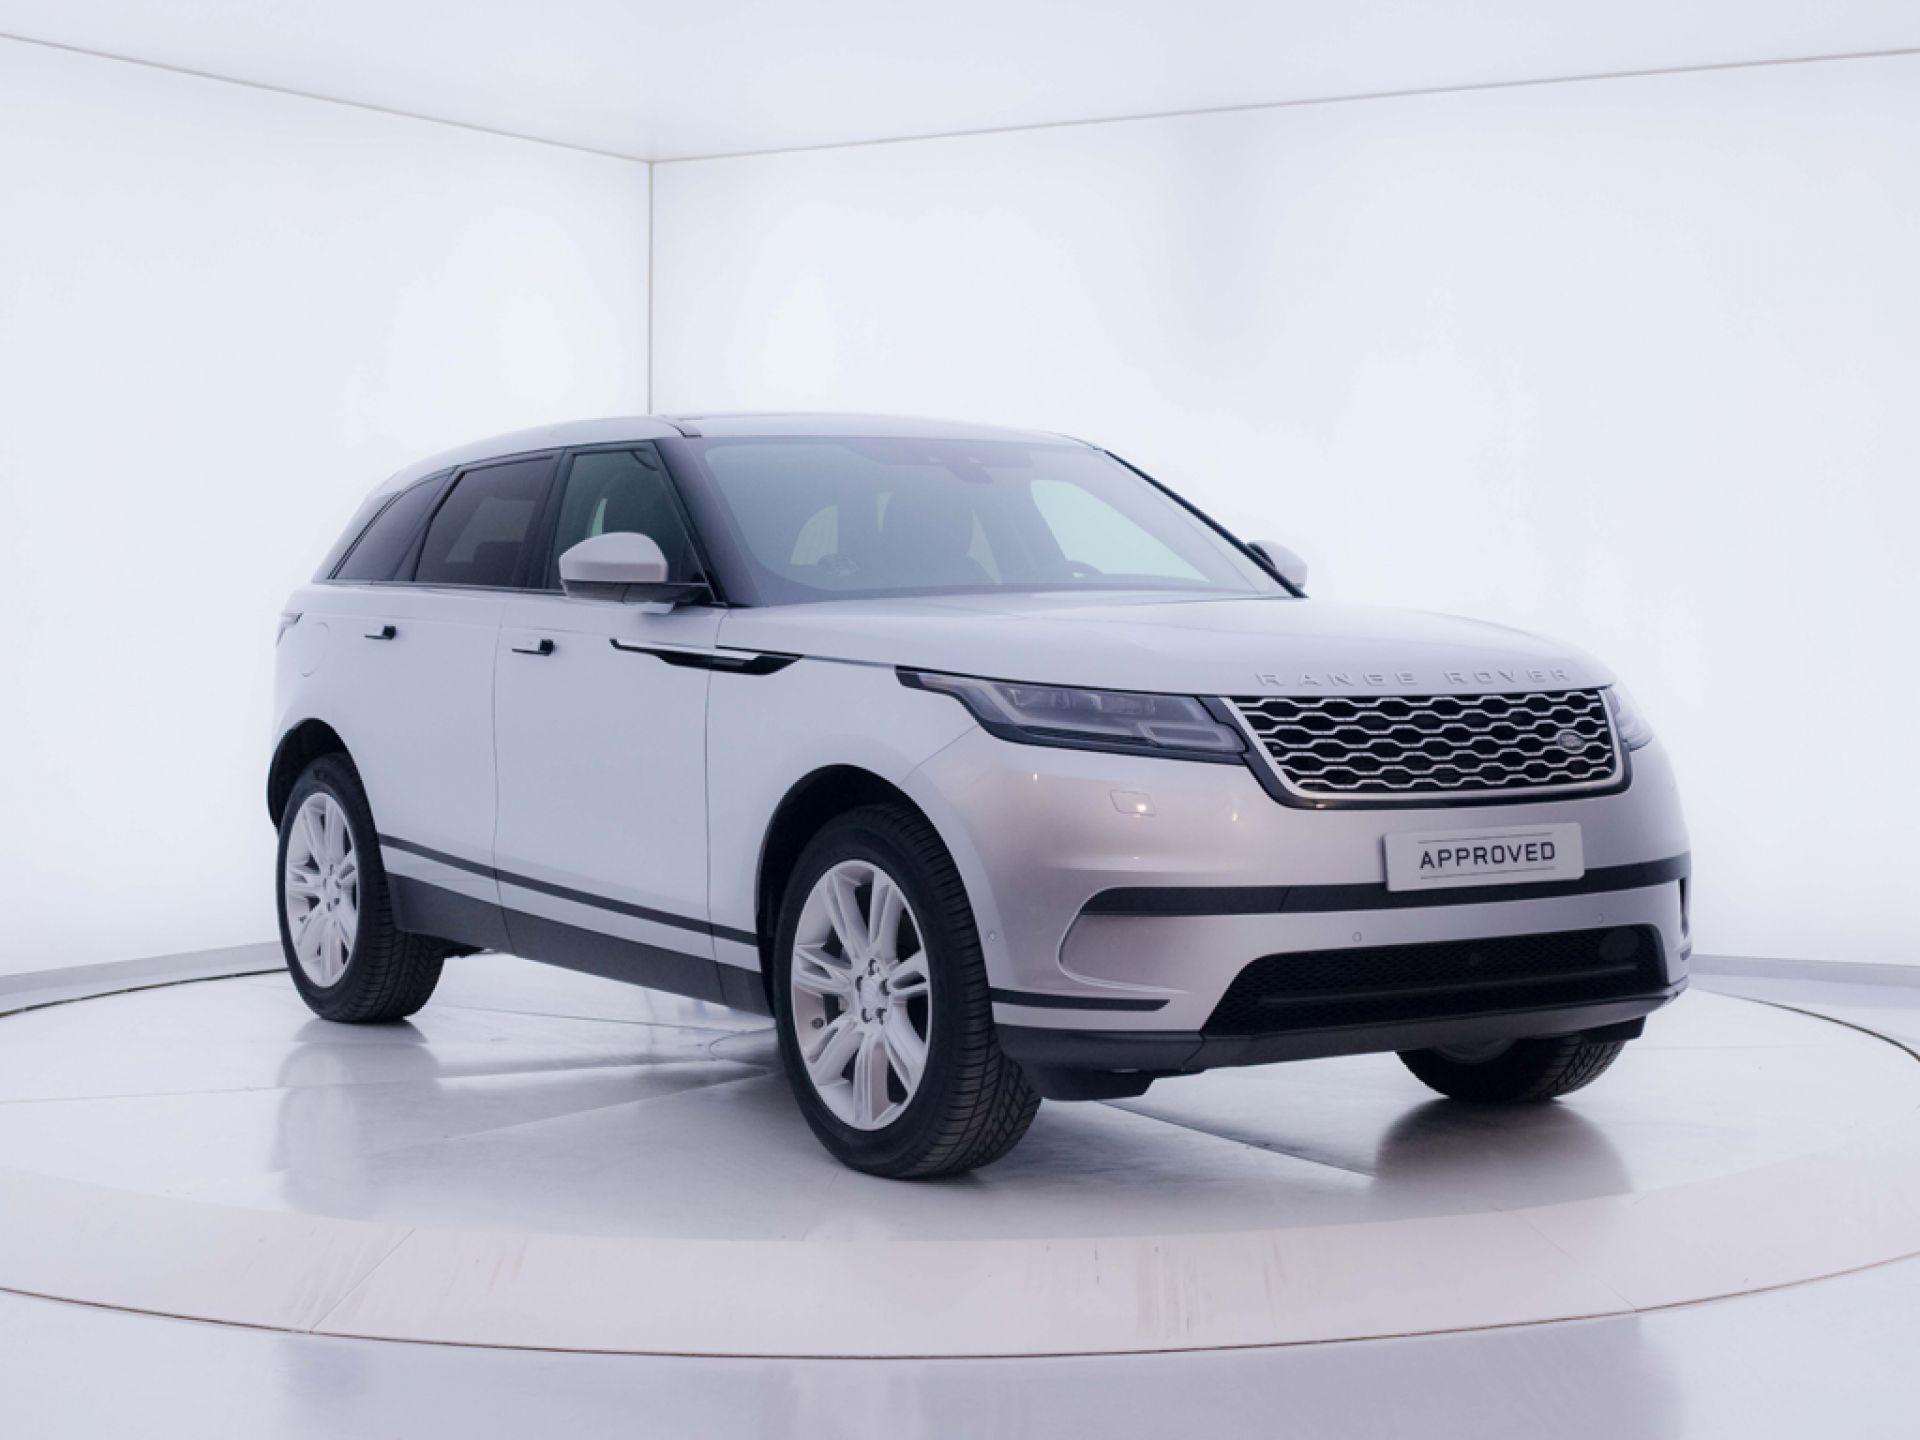 Land Rover Range Rover Velar 2.0 D240 (240CV) SE 4WD Auto